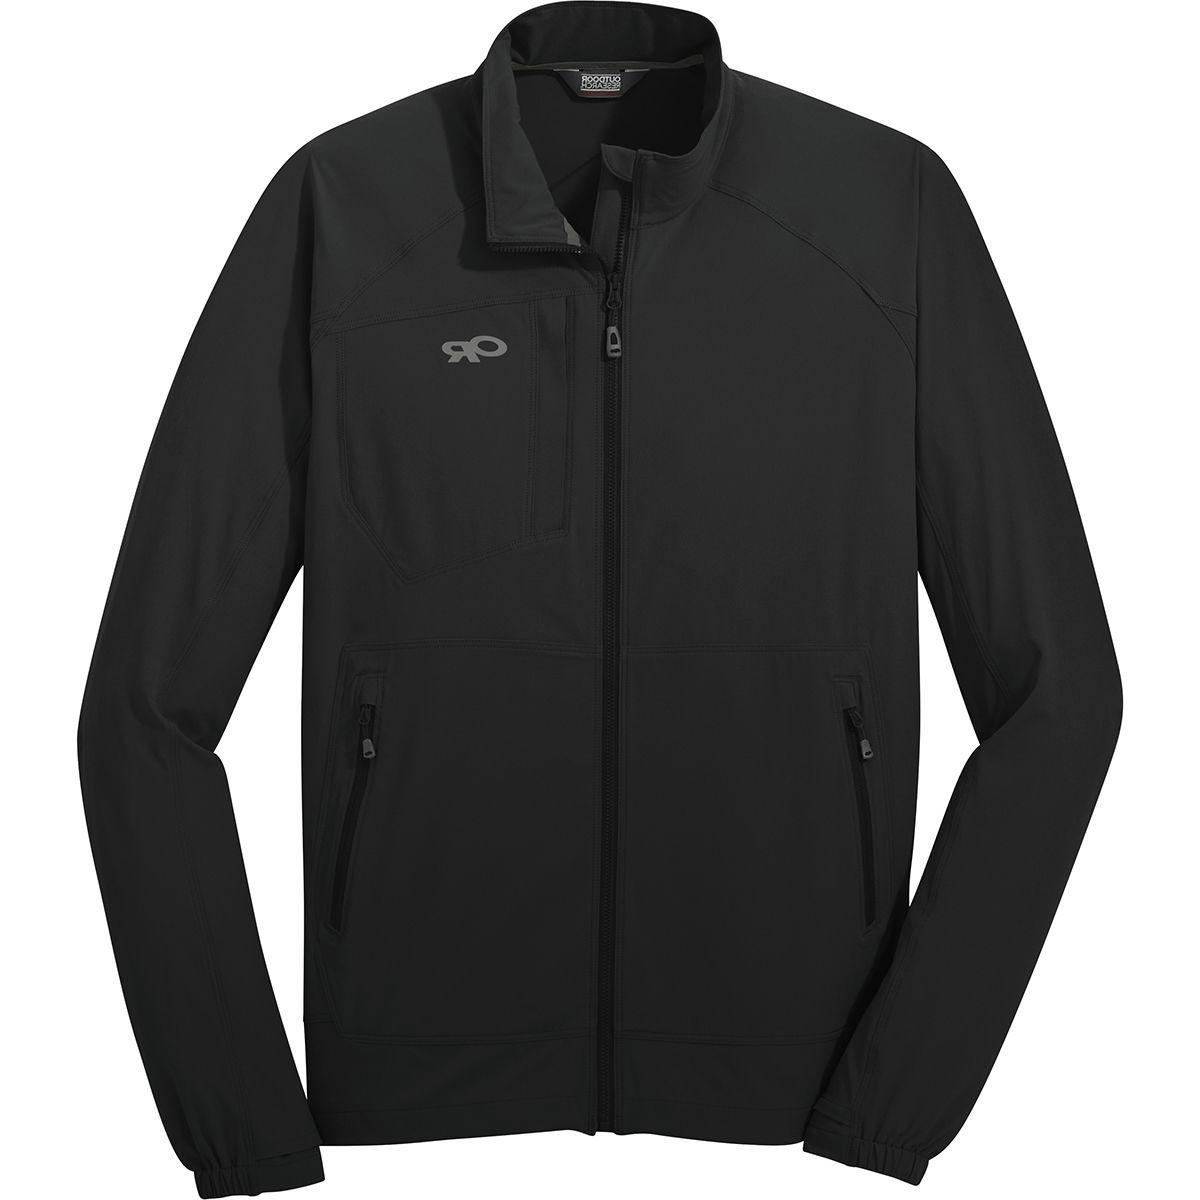 Outdoor Research Ferrosi Jacket - Men's